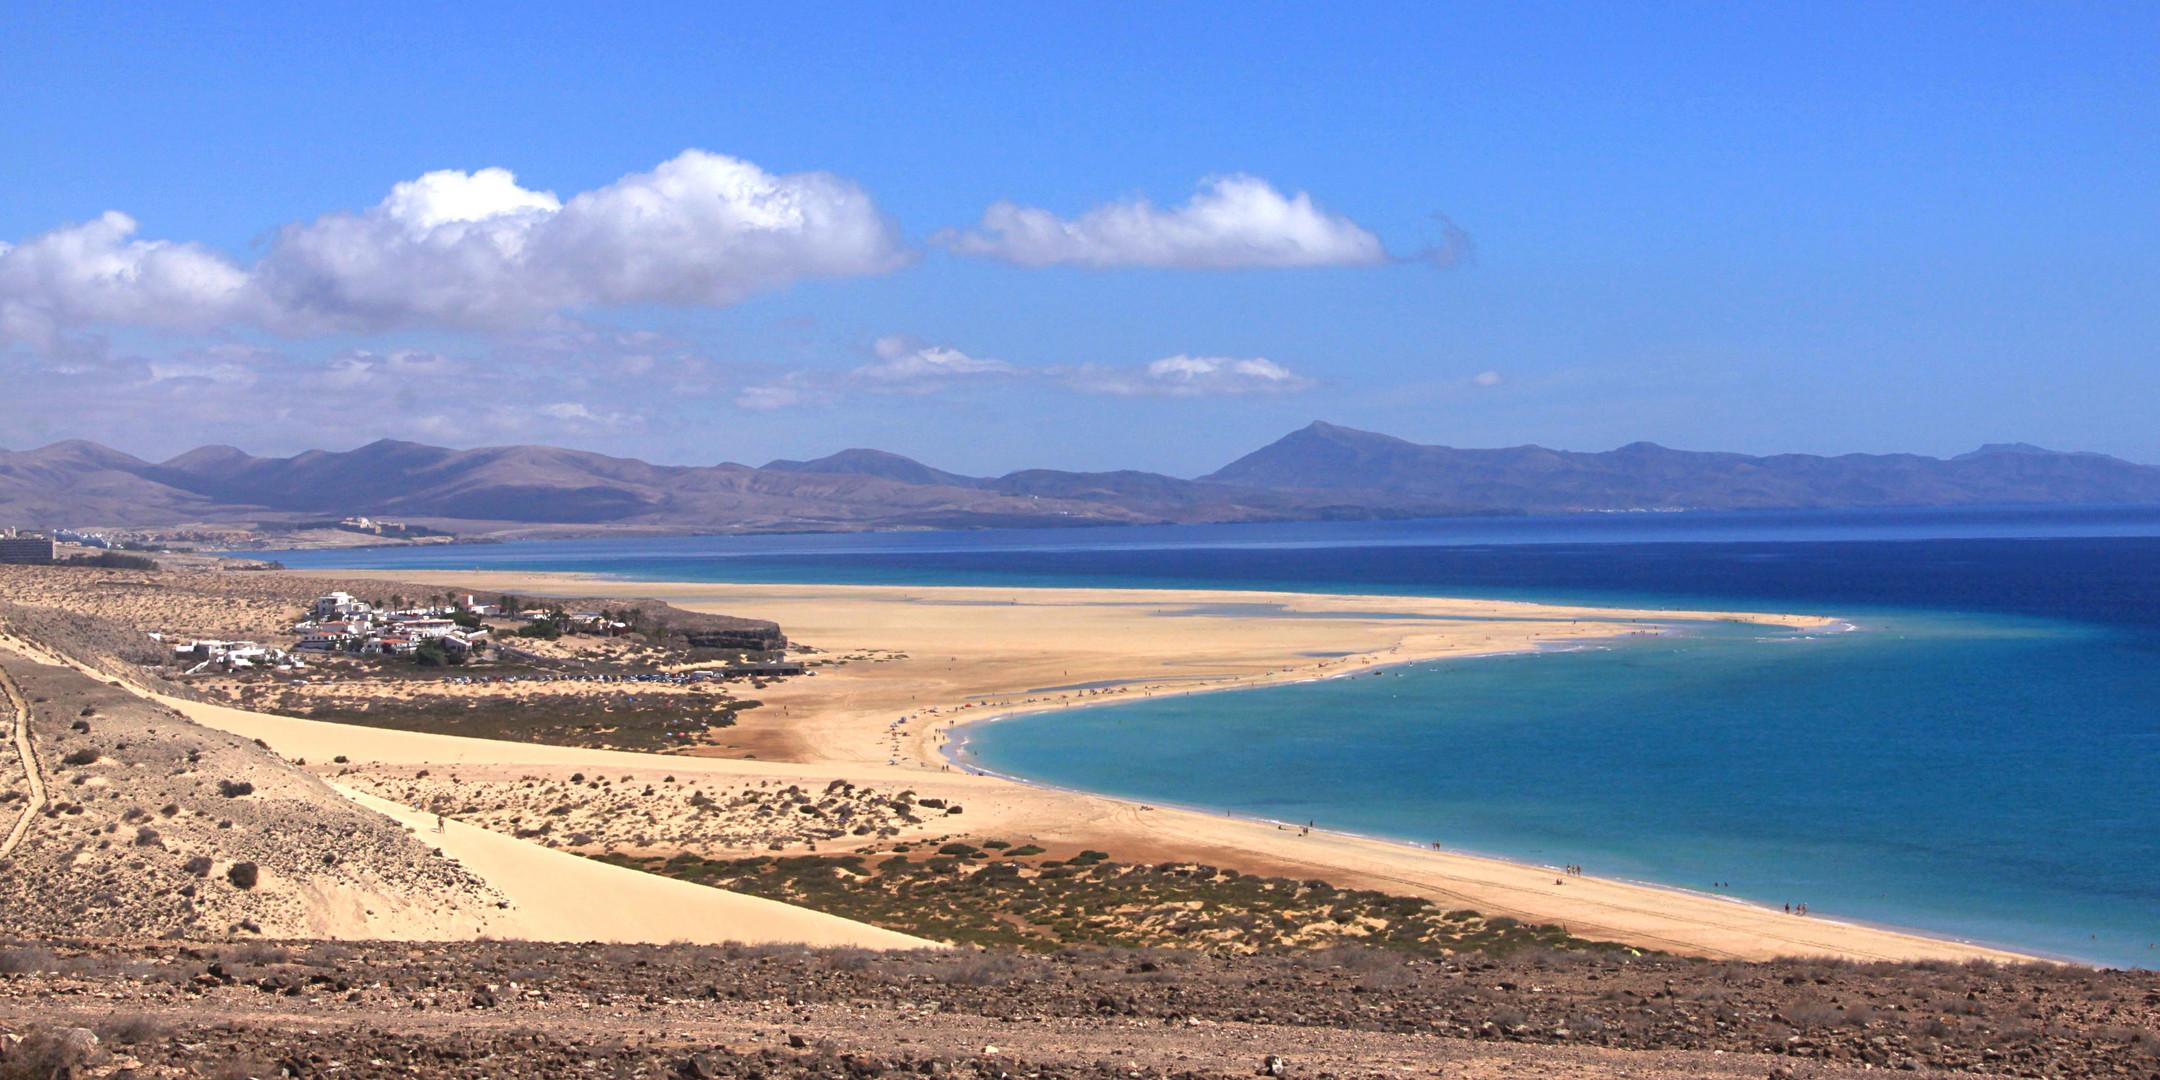 Playa de Solavento